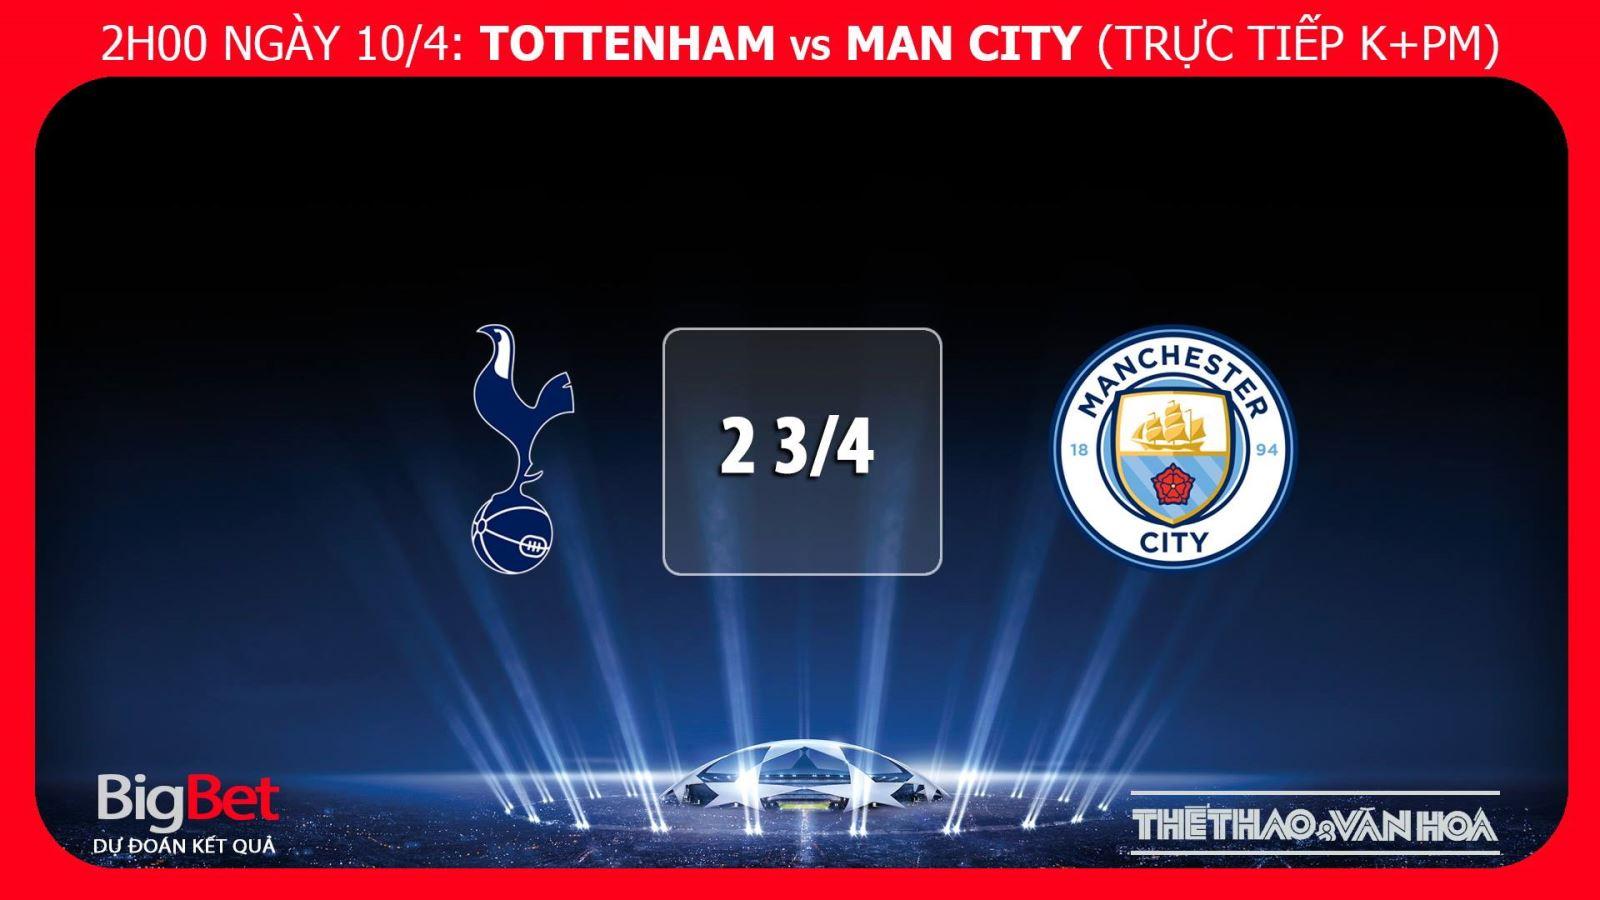 Soi kèo Tottenham vs Man City (02h00 ngày 10/4), tứ kết Cúp C1. Kèo bóng đá. Trực tiếp bóng đá. Xem trực tiếp Tottenham vs Man City ở đâu?